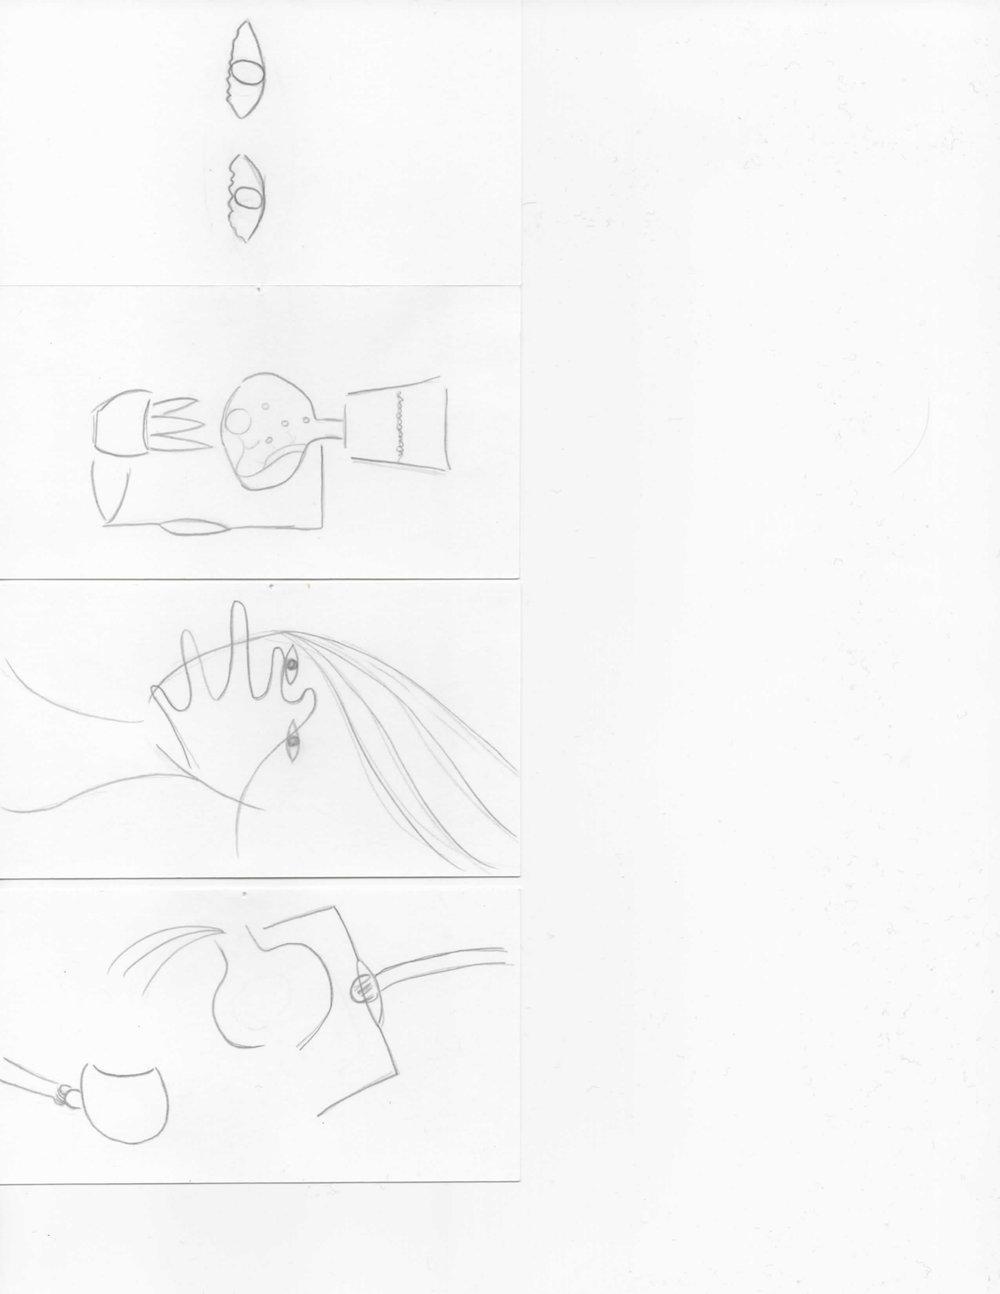 CFD-Storyboard-v3_Page_2.jpg